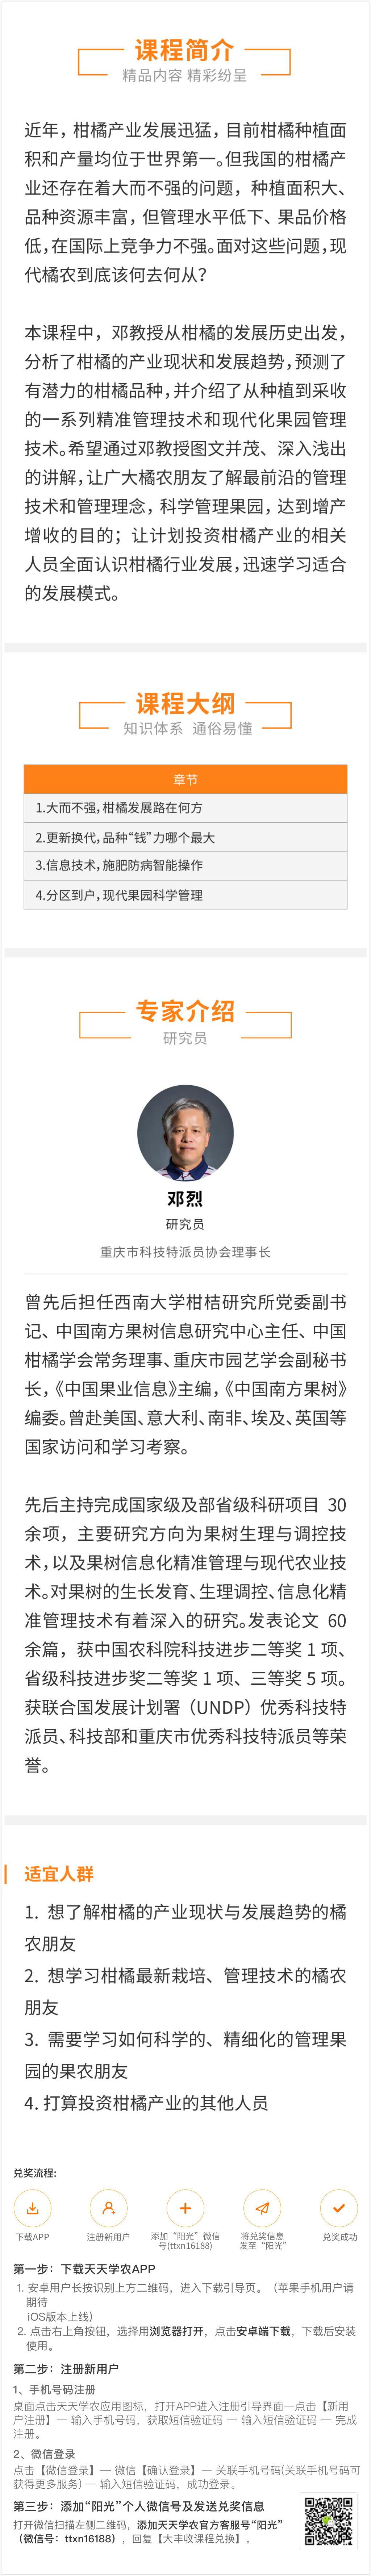 柑橘产业技术发展趋势课程_看图王.jpg